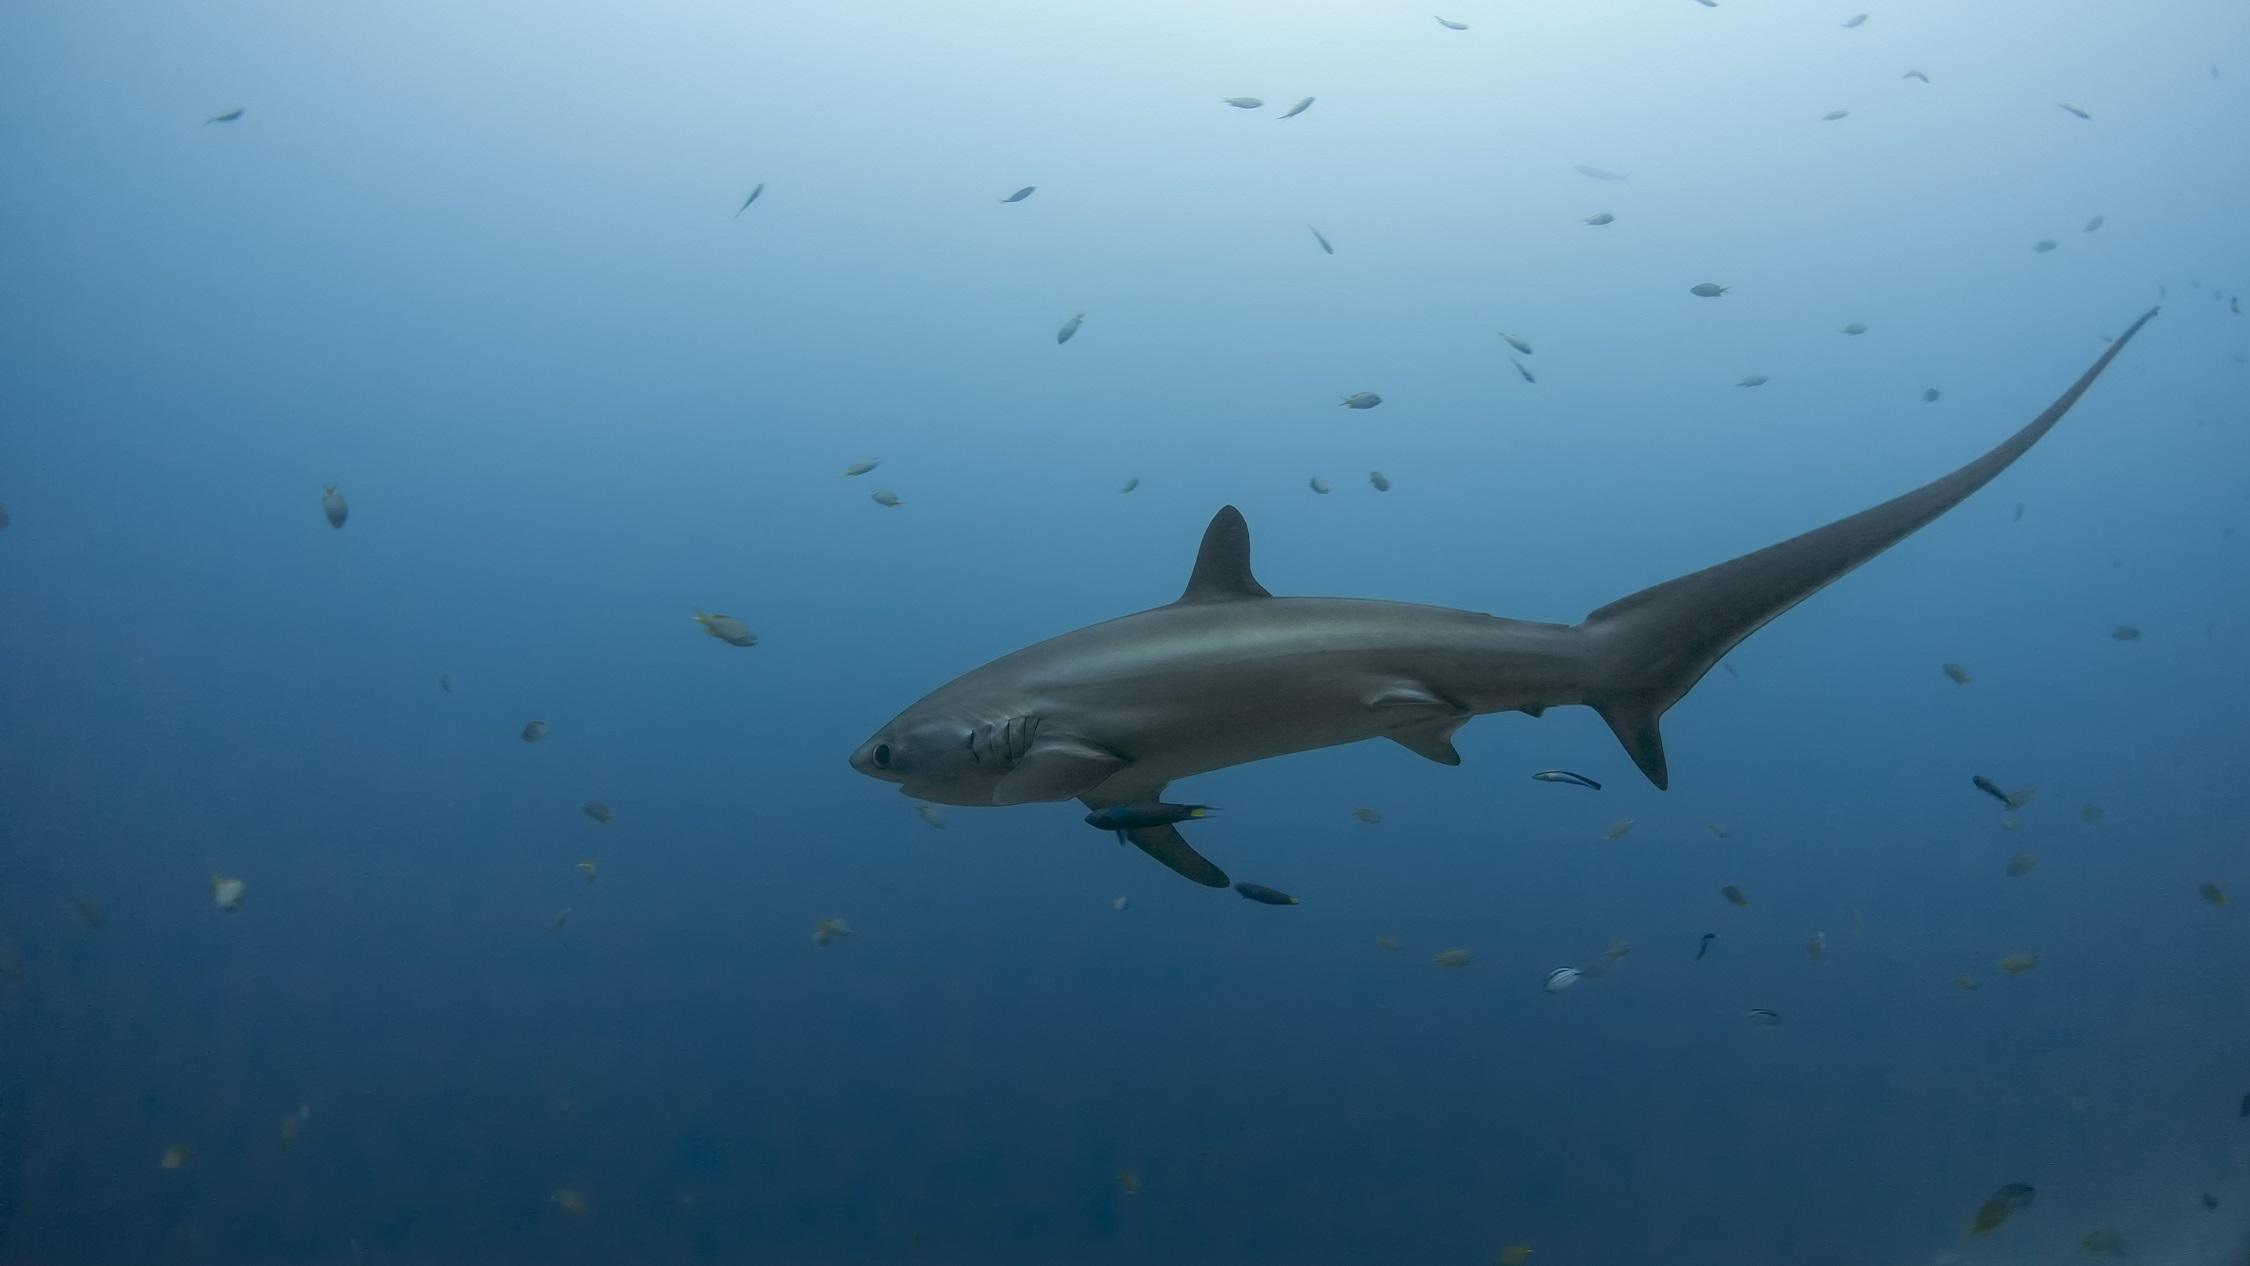 Kiribati Announces World's Second Largest Shark Sanctuary